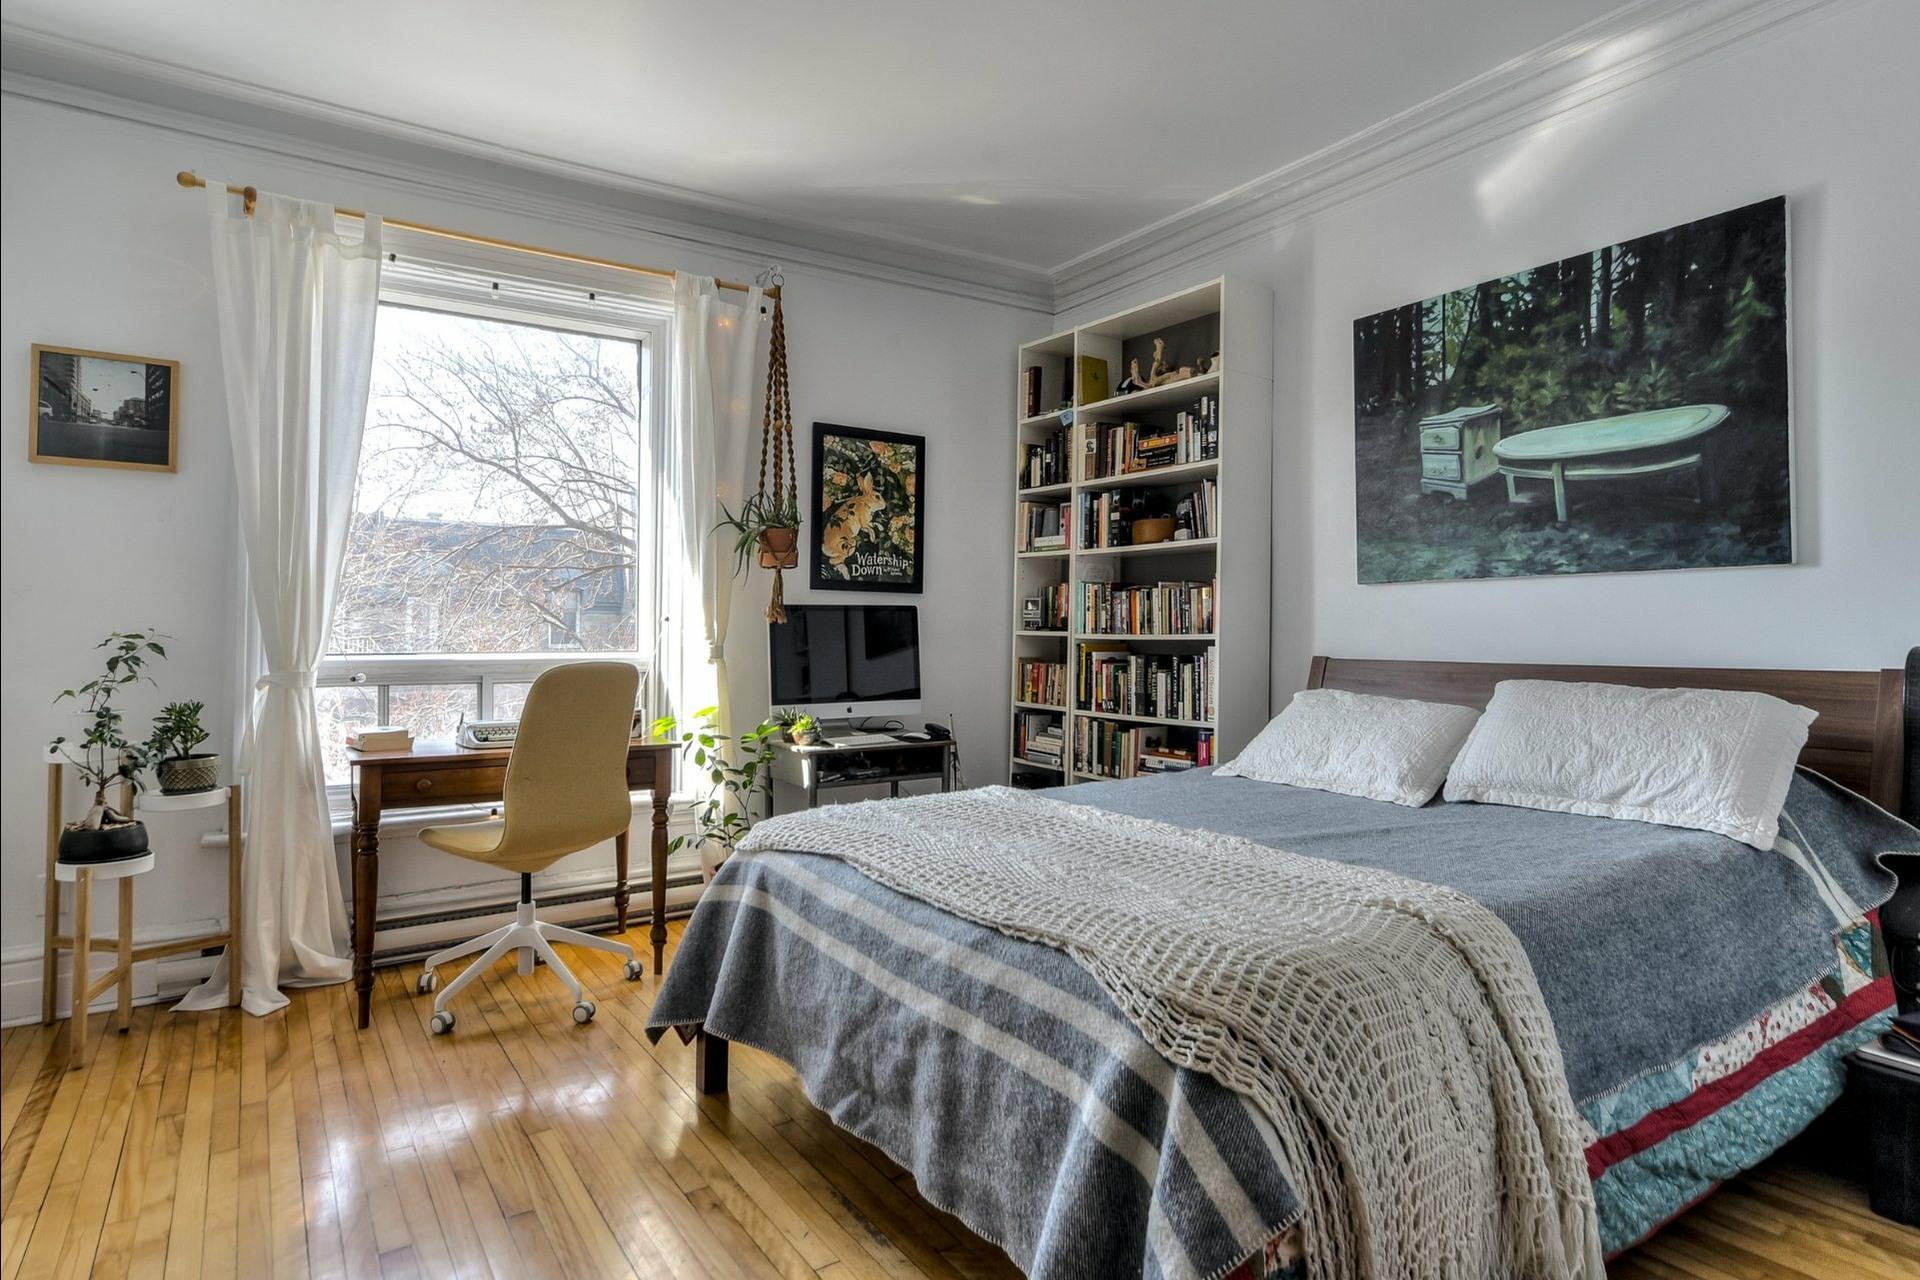 image 8 - Immeuble à revenus À vendre Montréal Le Plateau-Mont-Royal